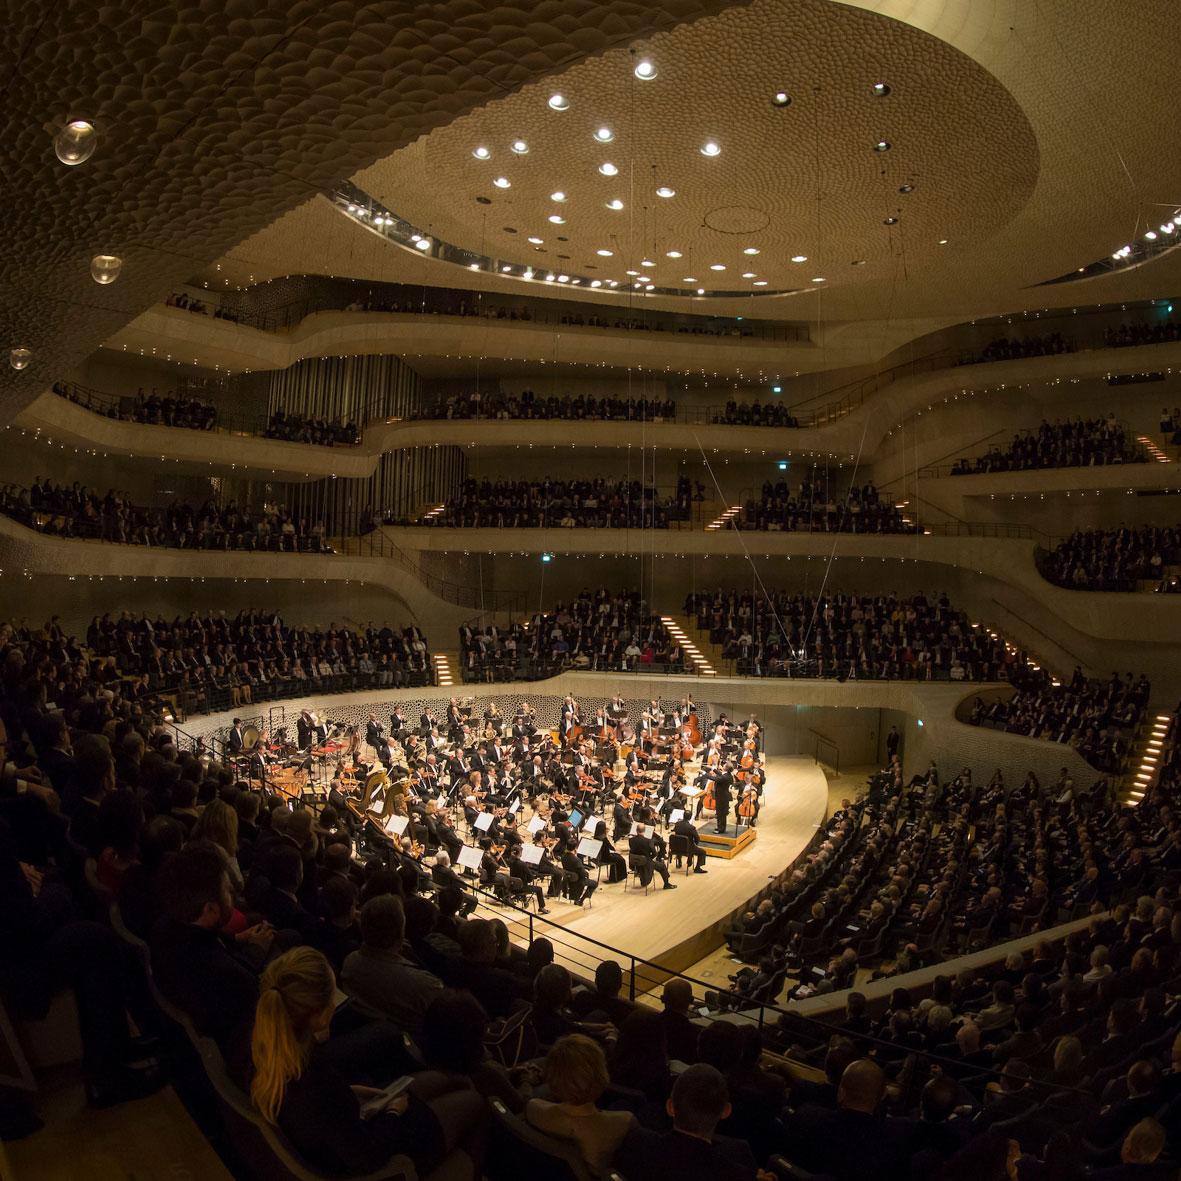 Główna sala koncertowa może pomieścić 2100 osób, ale żaden ze słuchaczy nie znajduje się dalej niż 30 metrów od dyrygenta. (Zdjęcie: Chicago Symphony Orchestra / Riccardo Muti © Todd Rosenberg Photography)